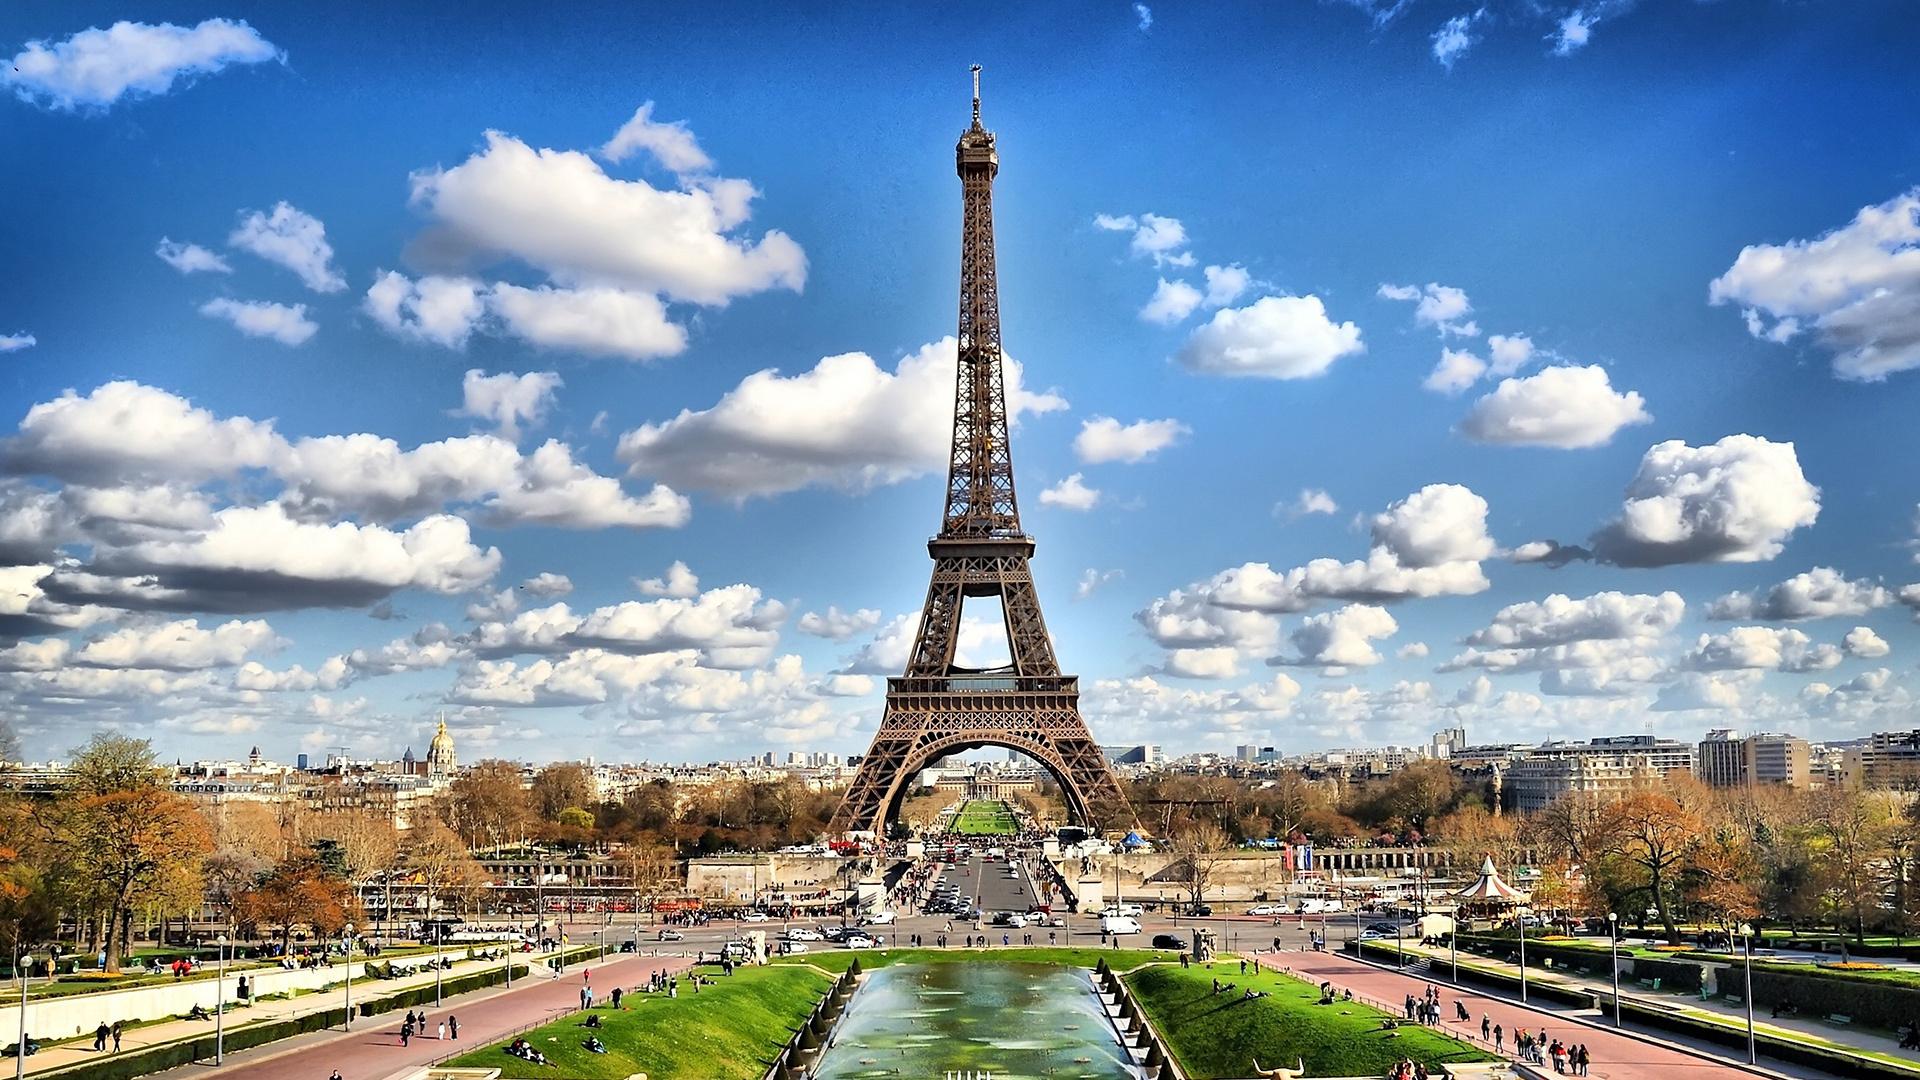 paris-city-hd-wallpapers-cool-widescreen-desktop-photos.jpg